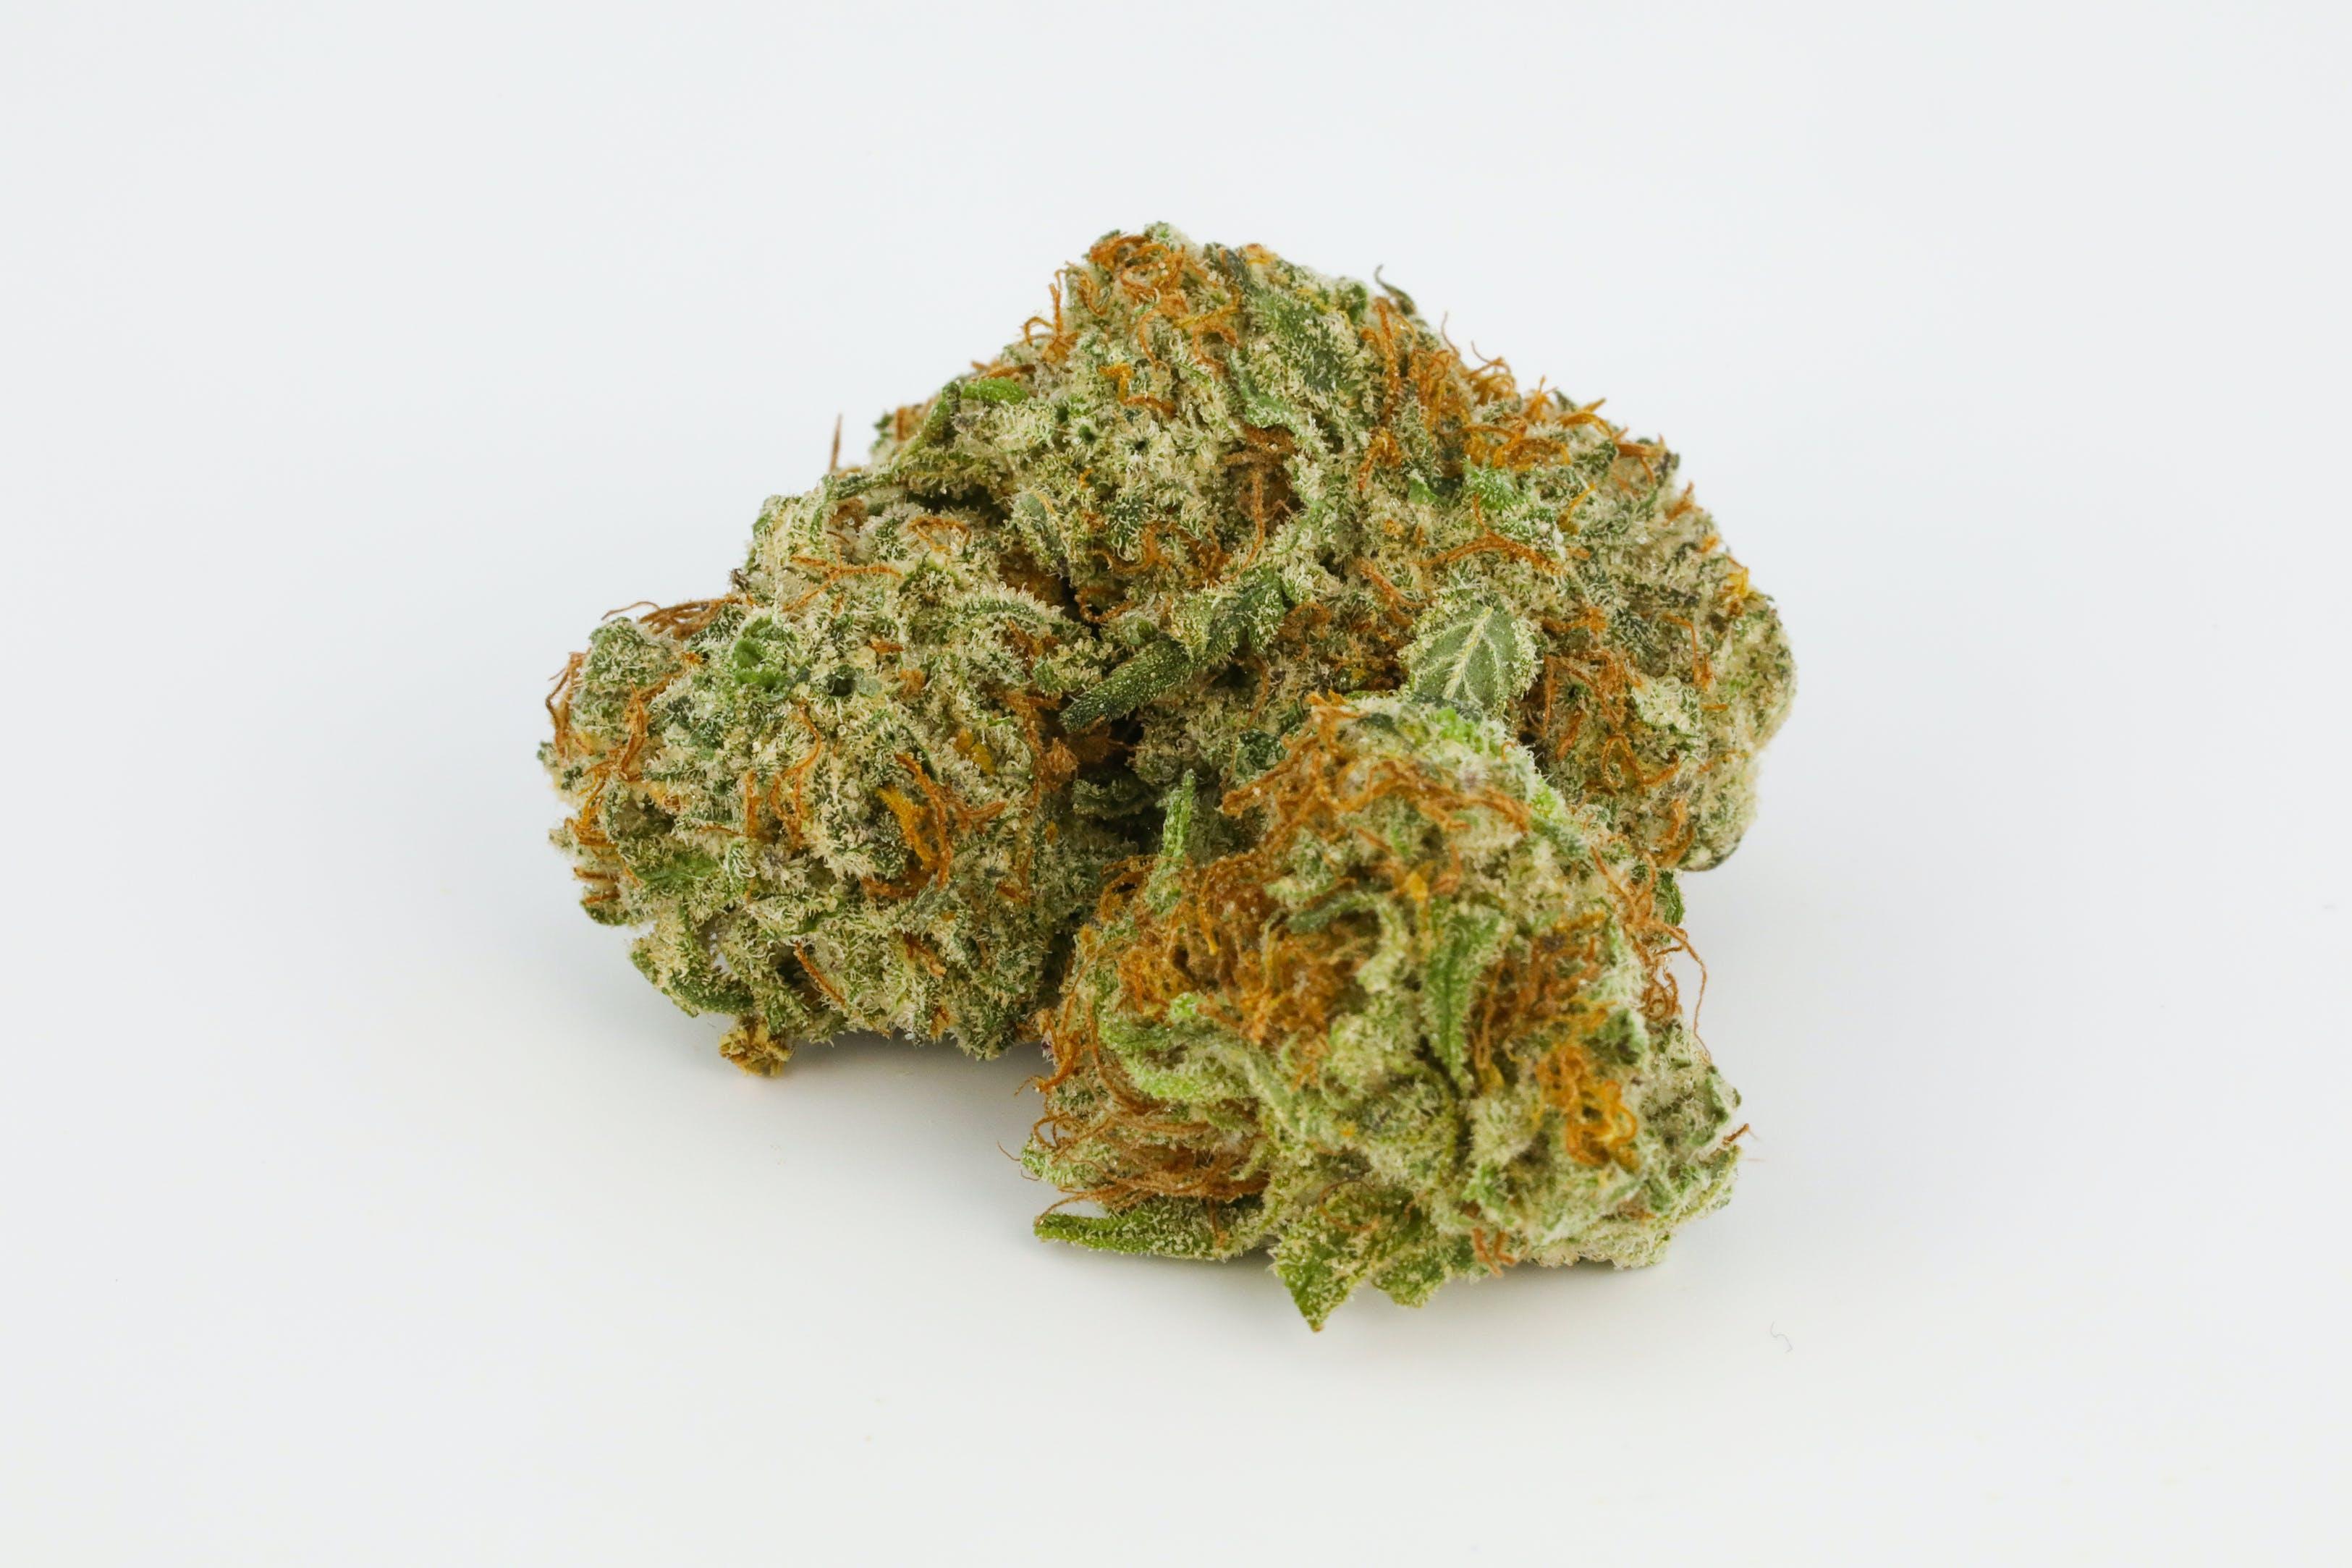 Bubble Gum Kush Weed; Bubble Gum Kush Cannabis Strain; Bubble Gum Kush Indica Marijuana Strain